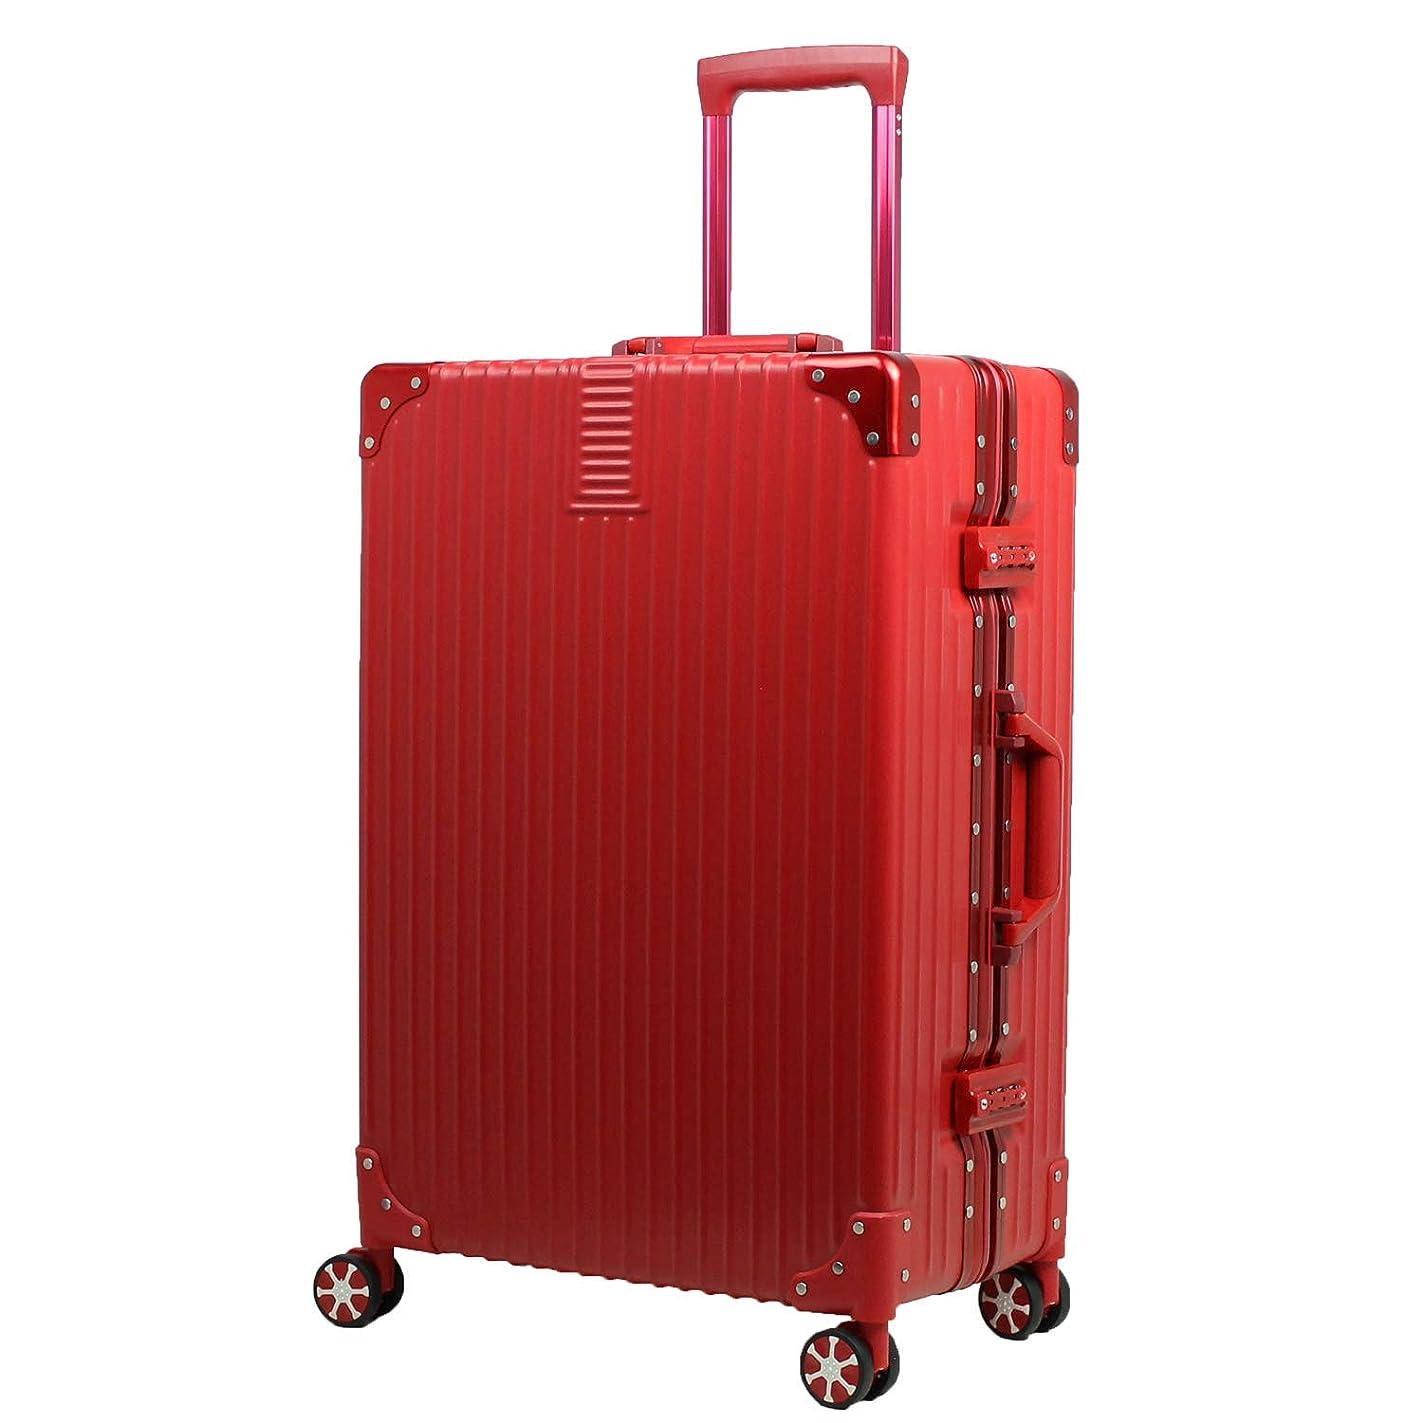 地味なひいきにする勢いMOIERG(モアエルグ) スーツケース キャリーバッグ キャリーケース アルミフレーム 3年保証 修学旅行